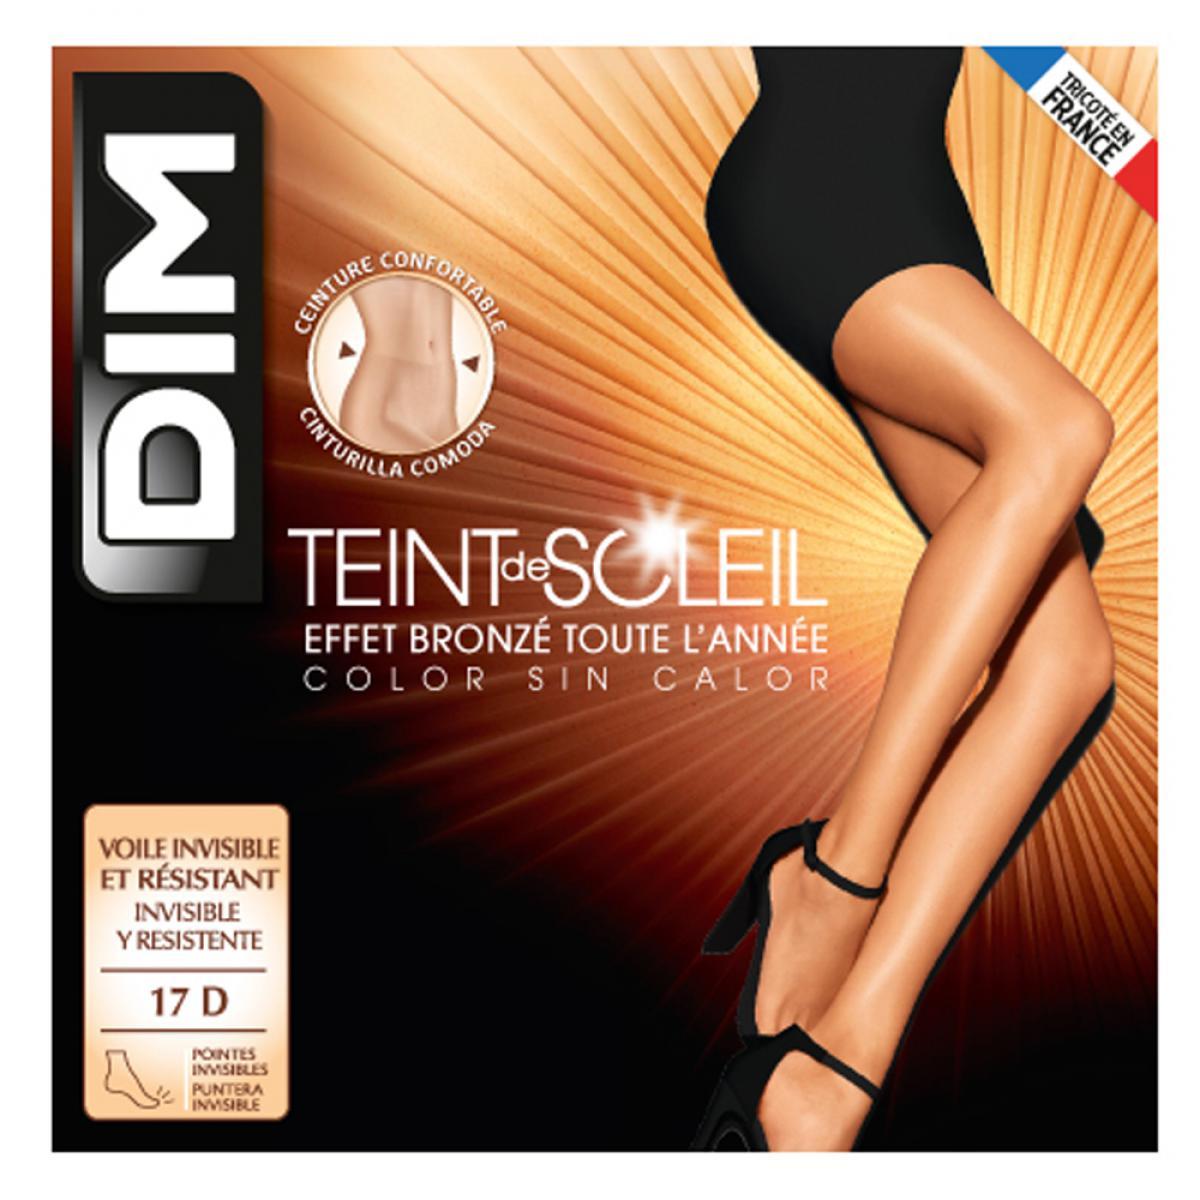 Collant voile effet naturel 17D Dim Chaussant Collant voile effet naturel 17D nude